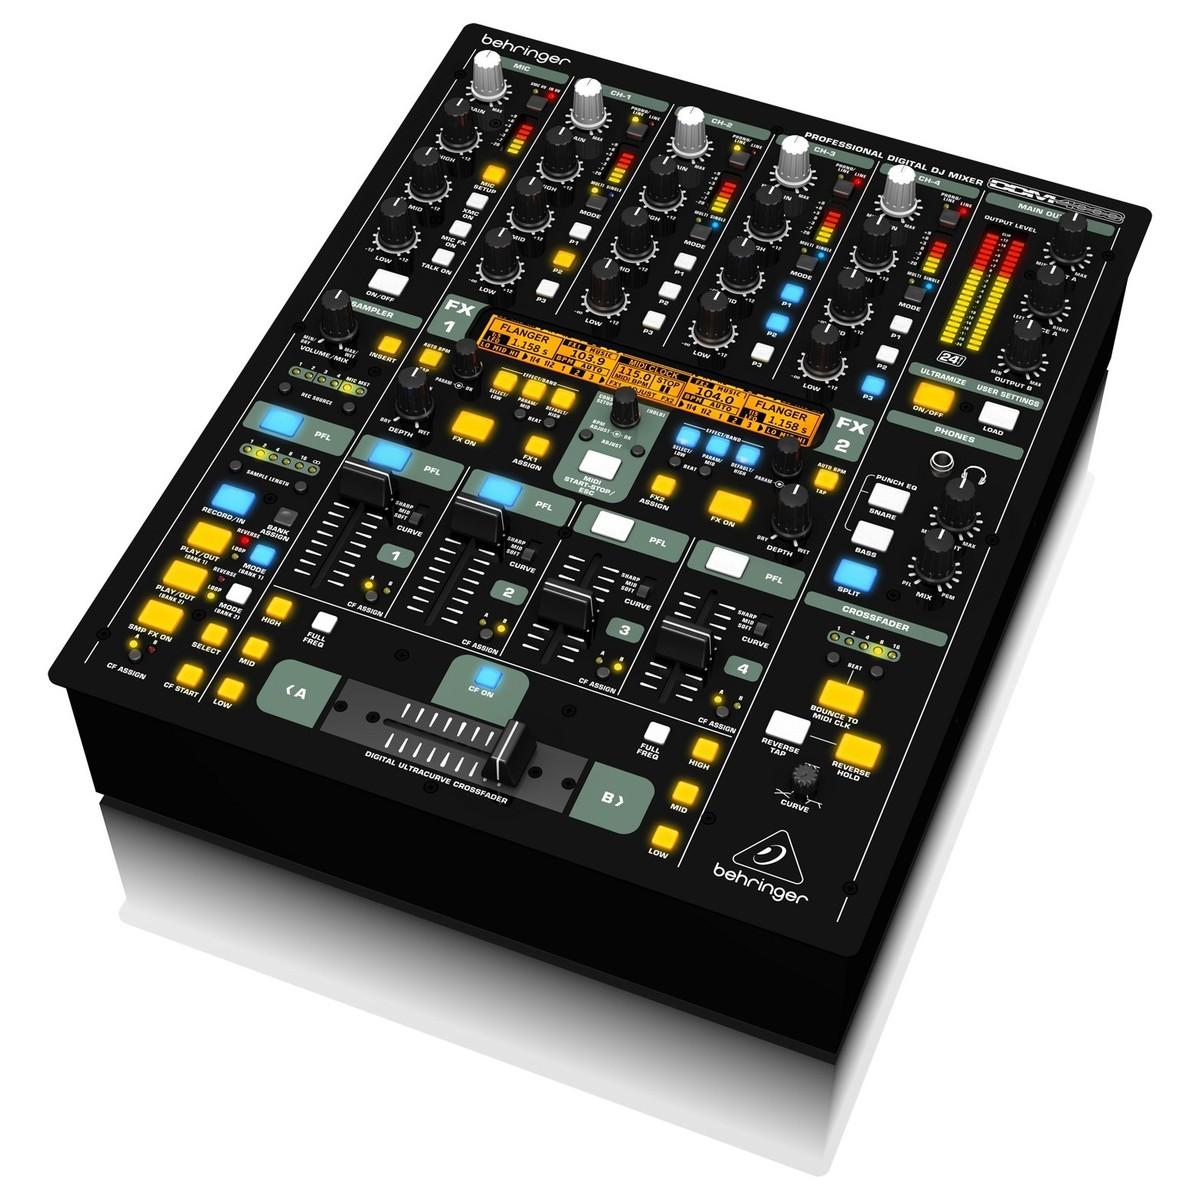 Behringer ddm4000 table de mixage num rique - Logiciel table de mixage dj gratuit francais ...